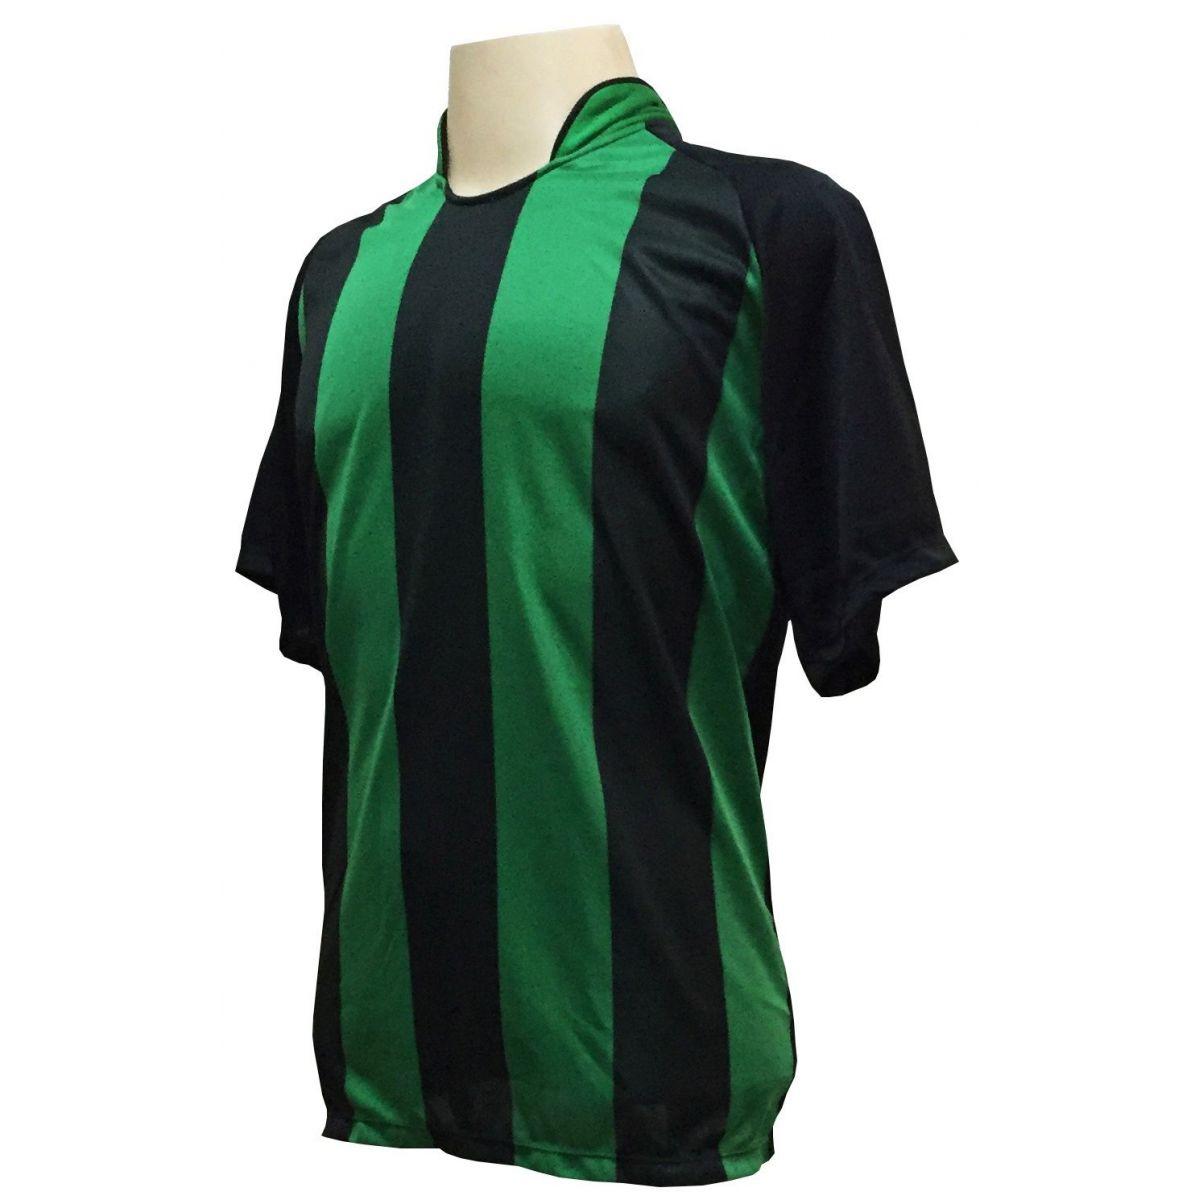 Uniforme Esportivo com 18 Camisas modelo Milan Preto/Verde + 18 Calções modelo Madrid Preto   - ESTAÇÃO DO ESPORTE